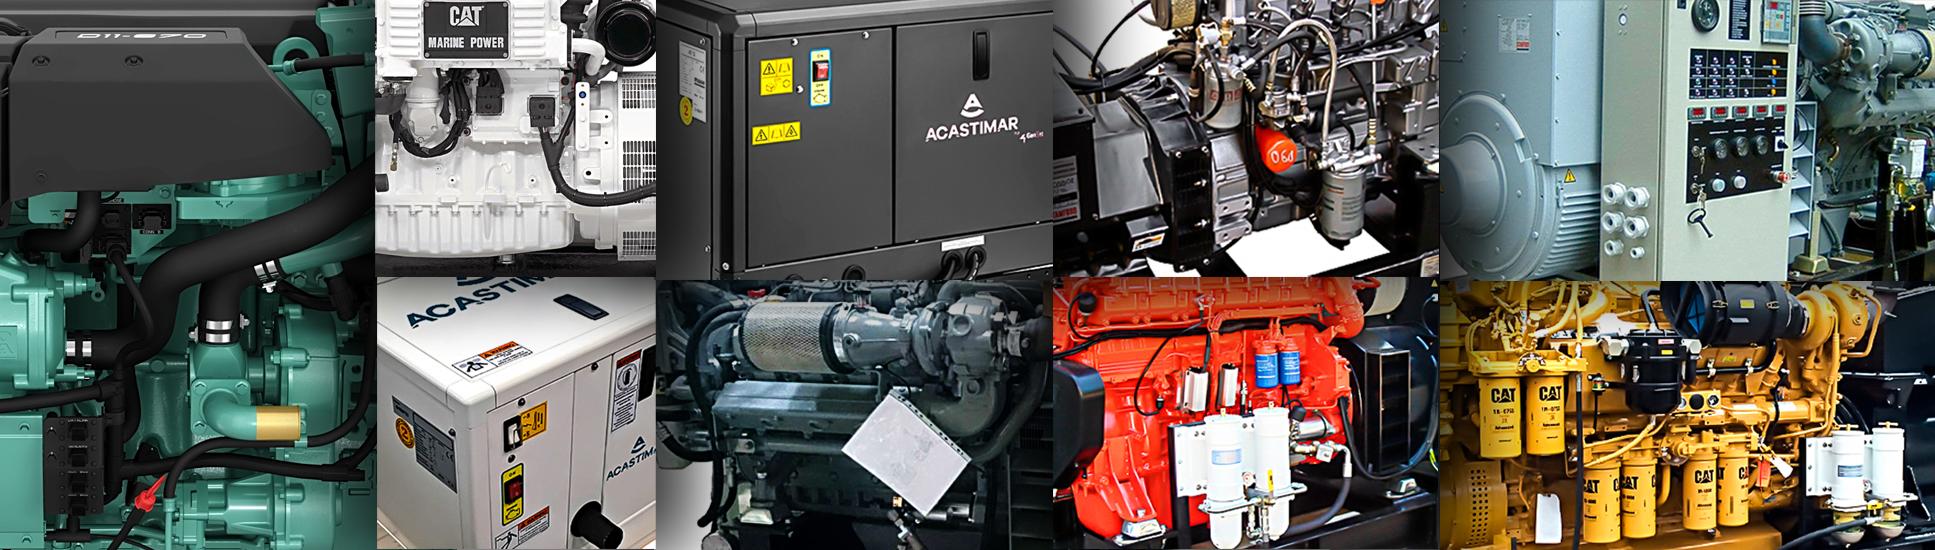 Banner generadores Acastimar